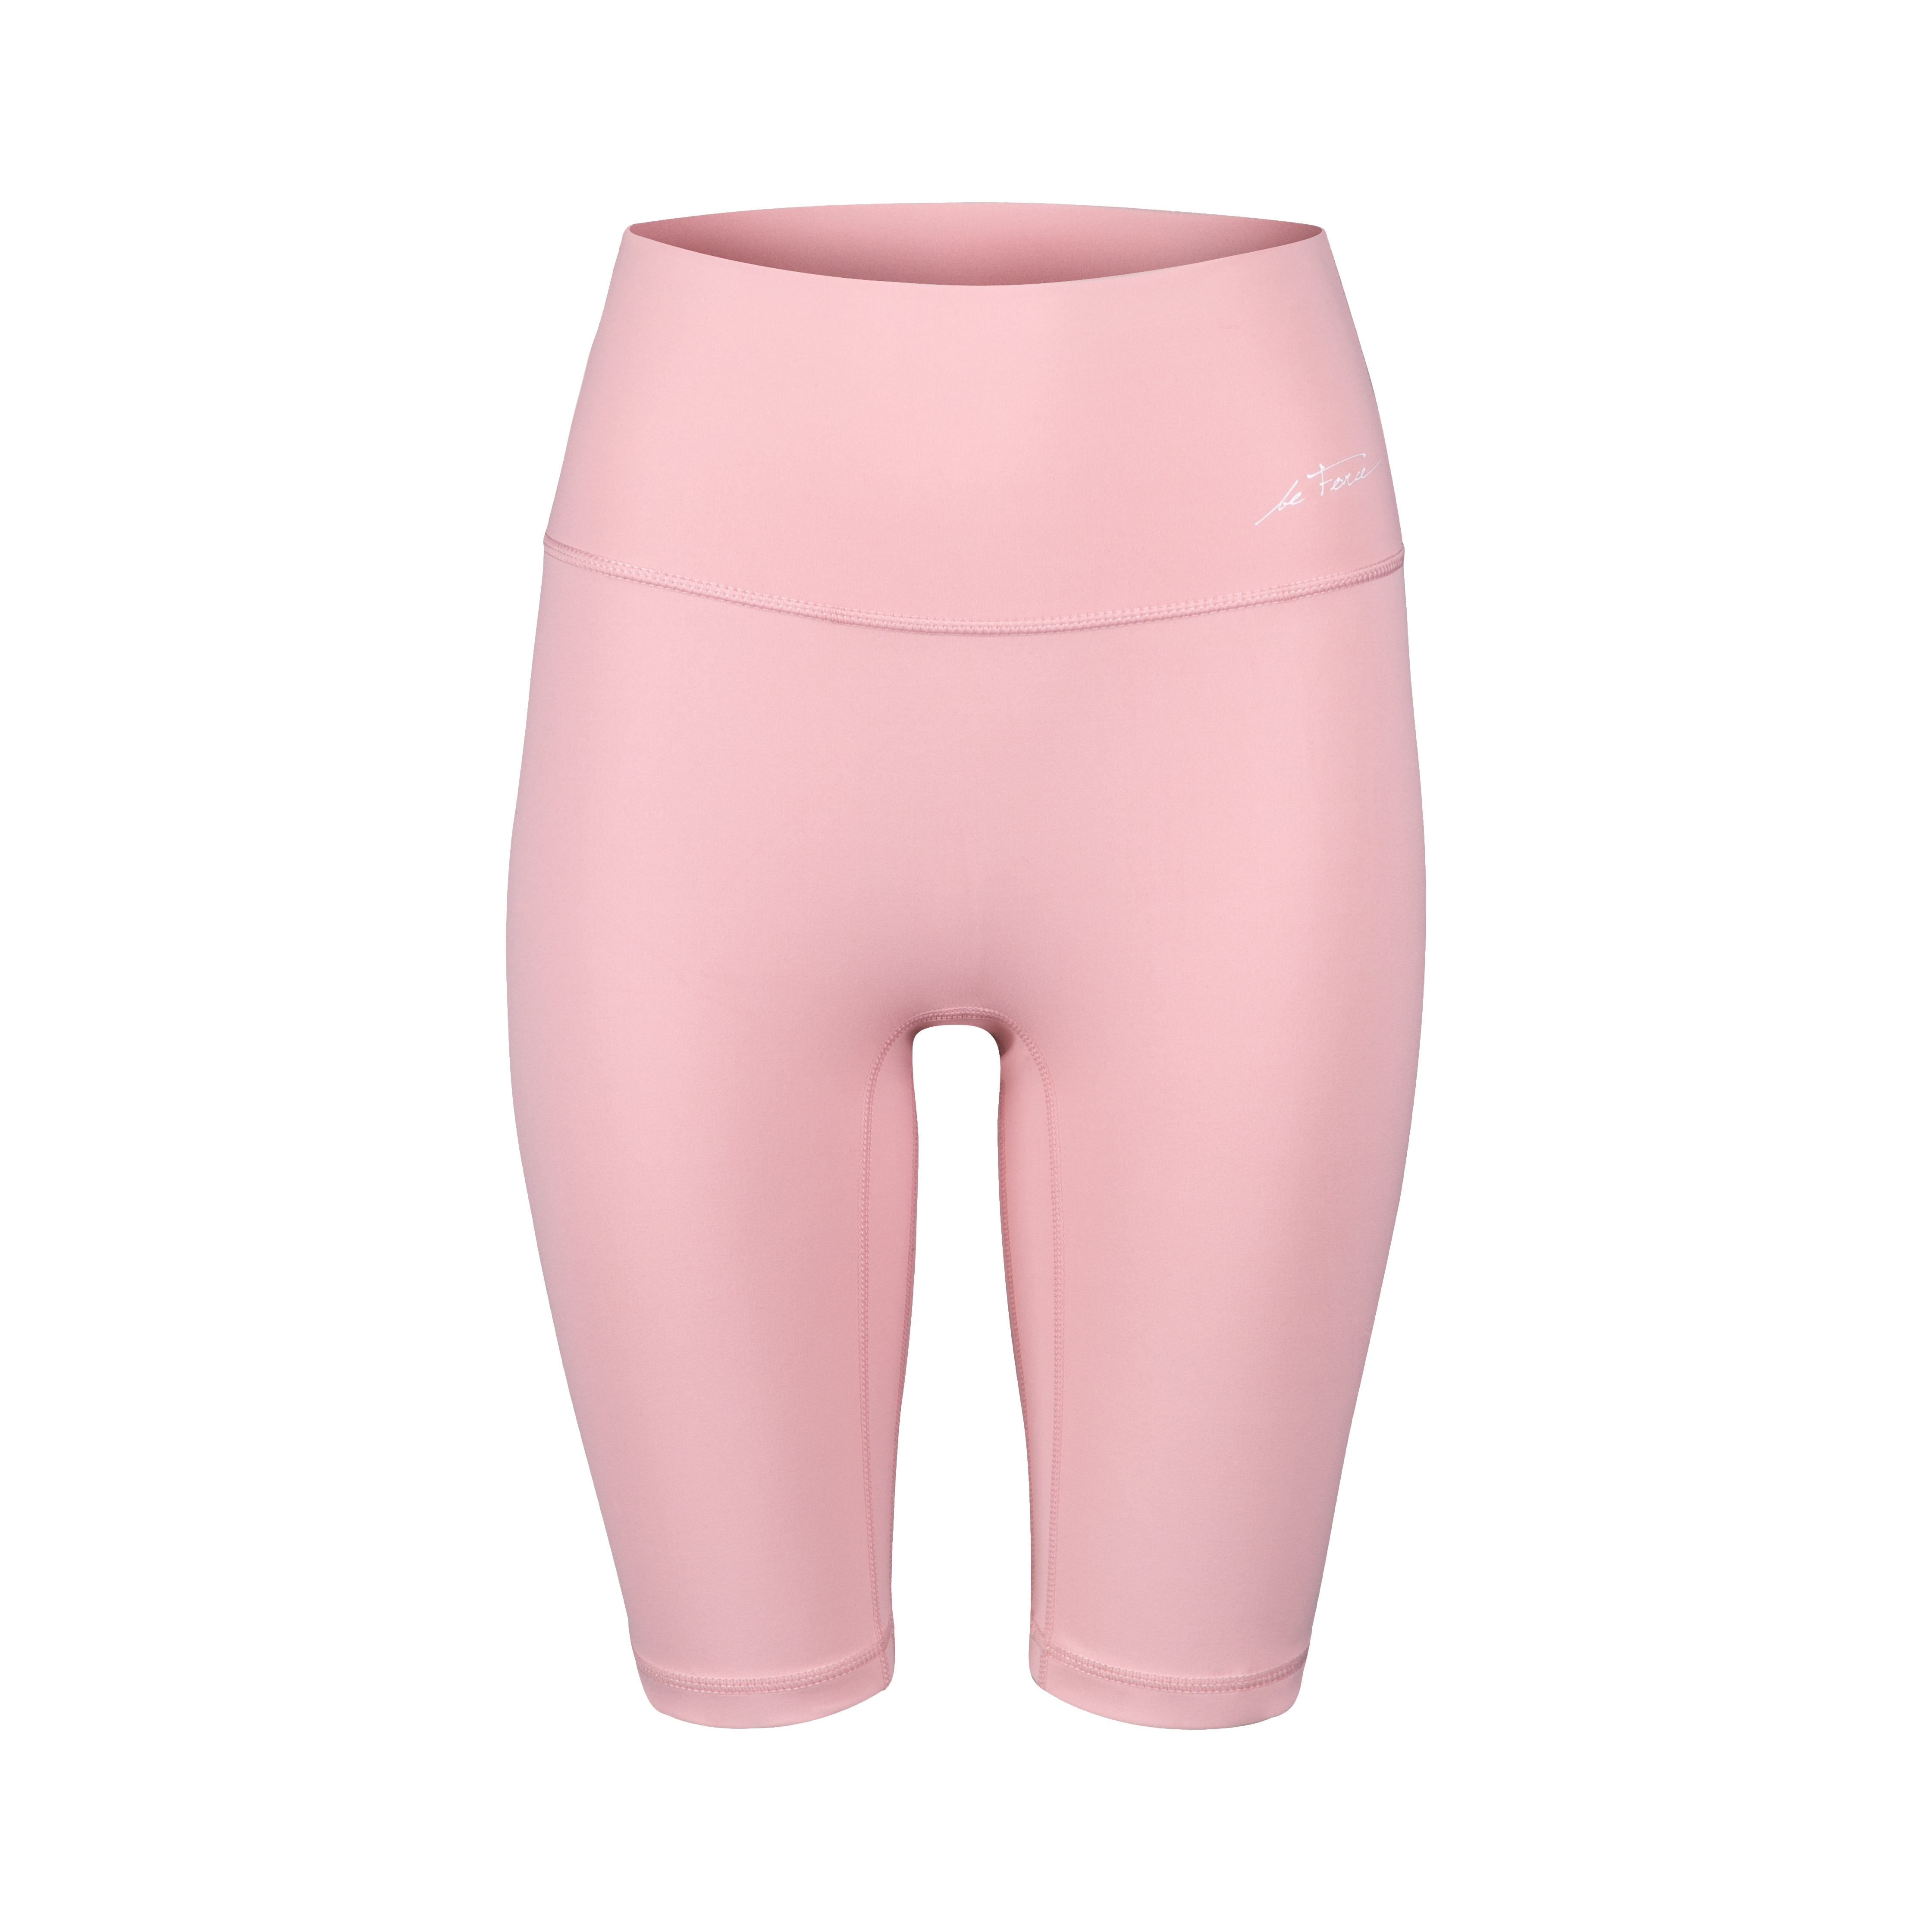 kraťasy FORCE SIMPLE, růžové XL